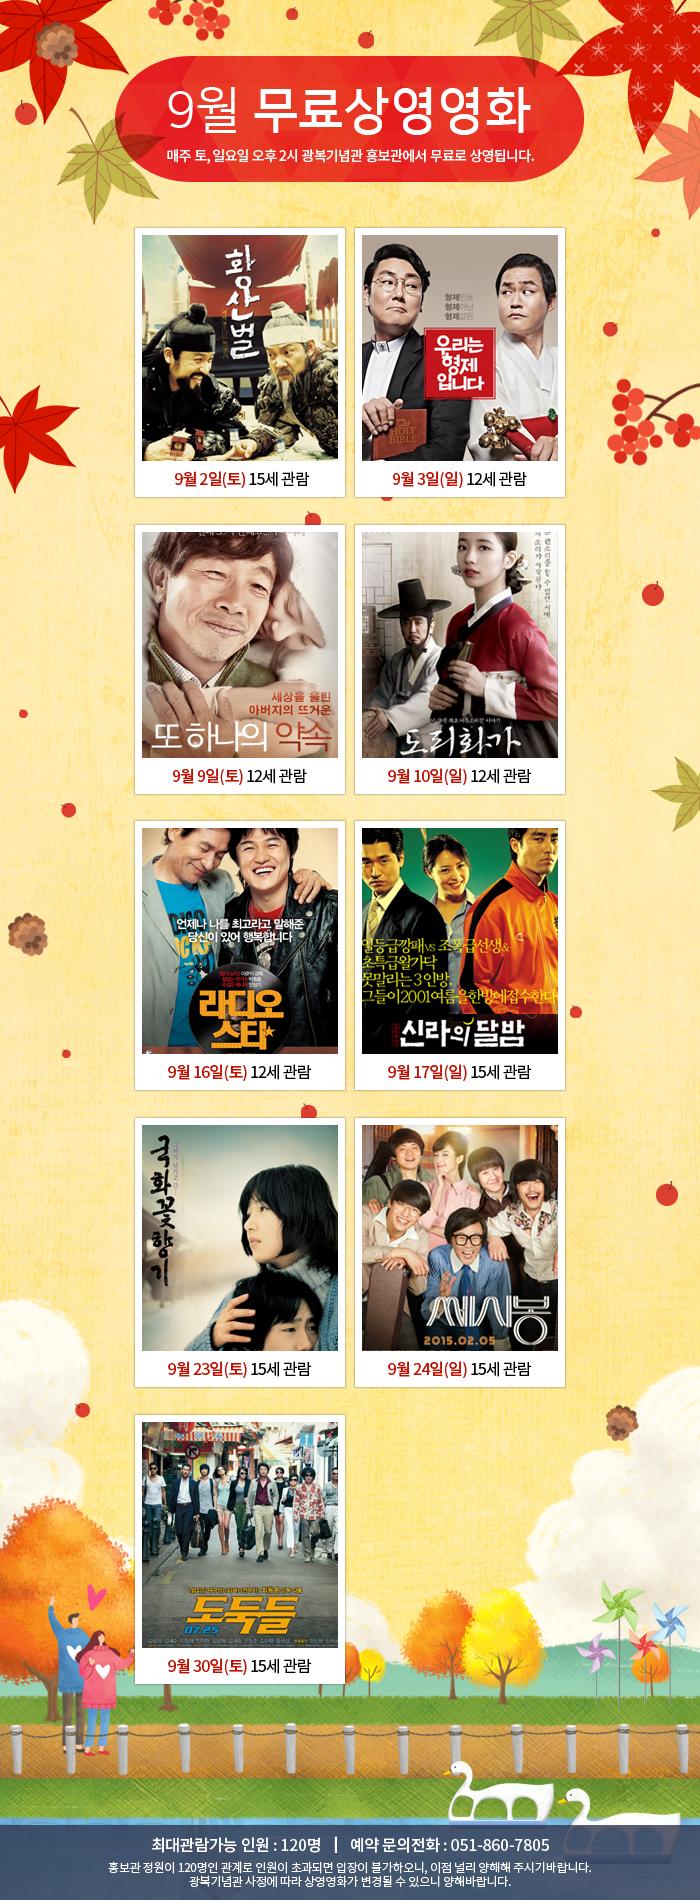 광복기념관 무료영화상영 안내(2017년 9월) 이미지1번째